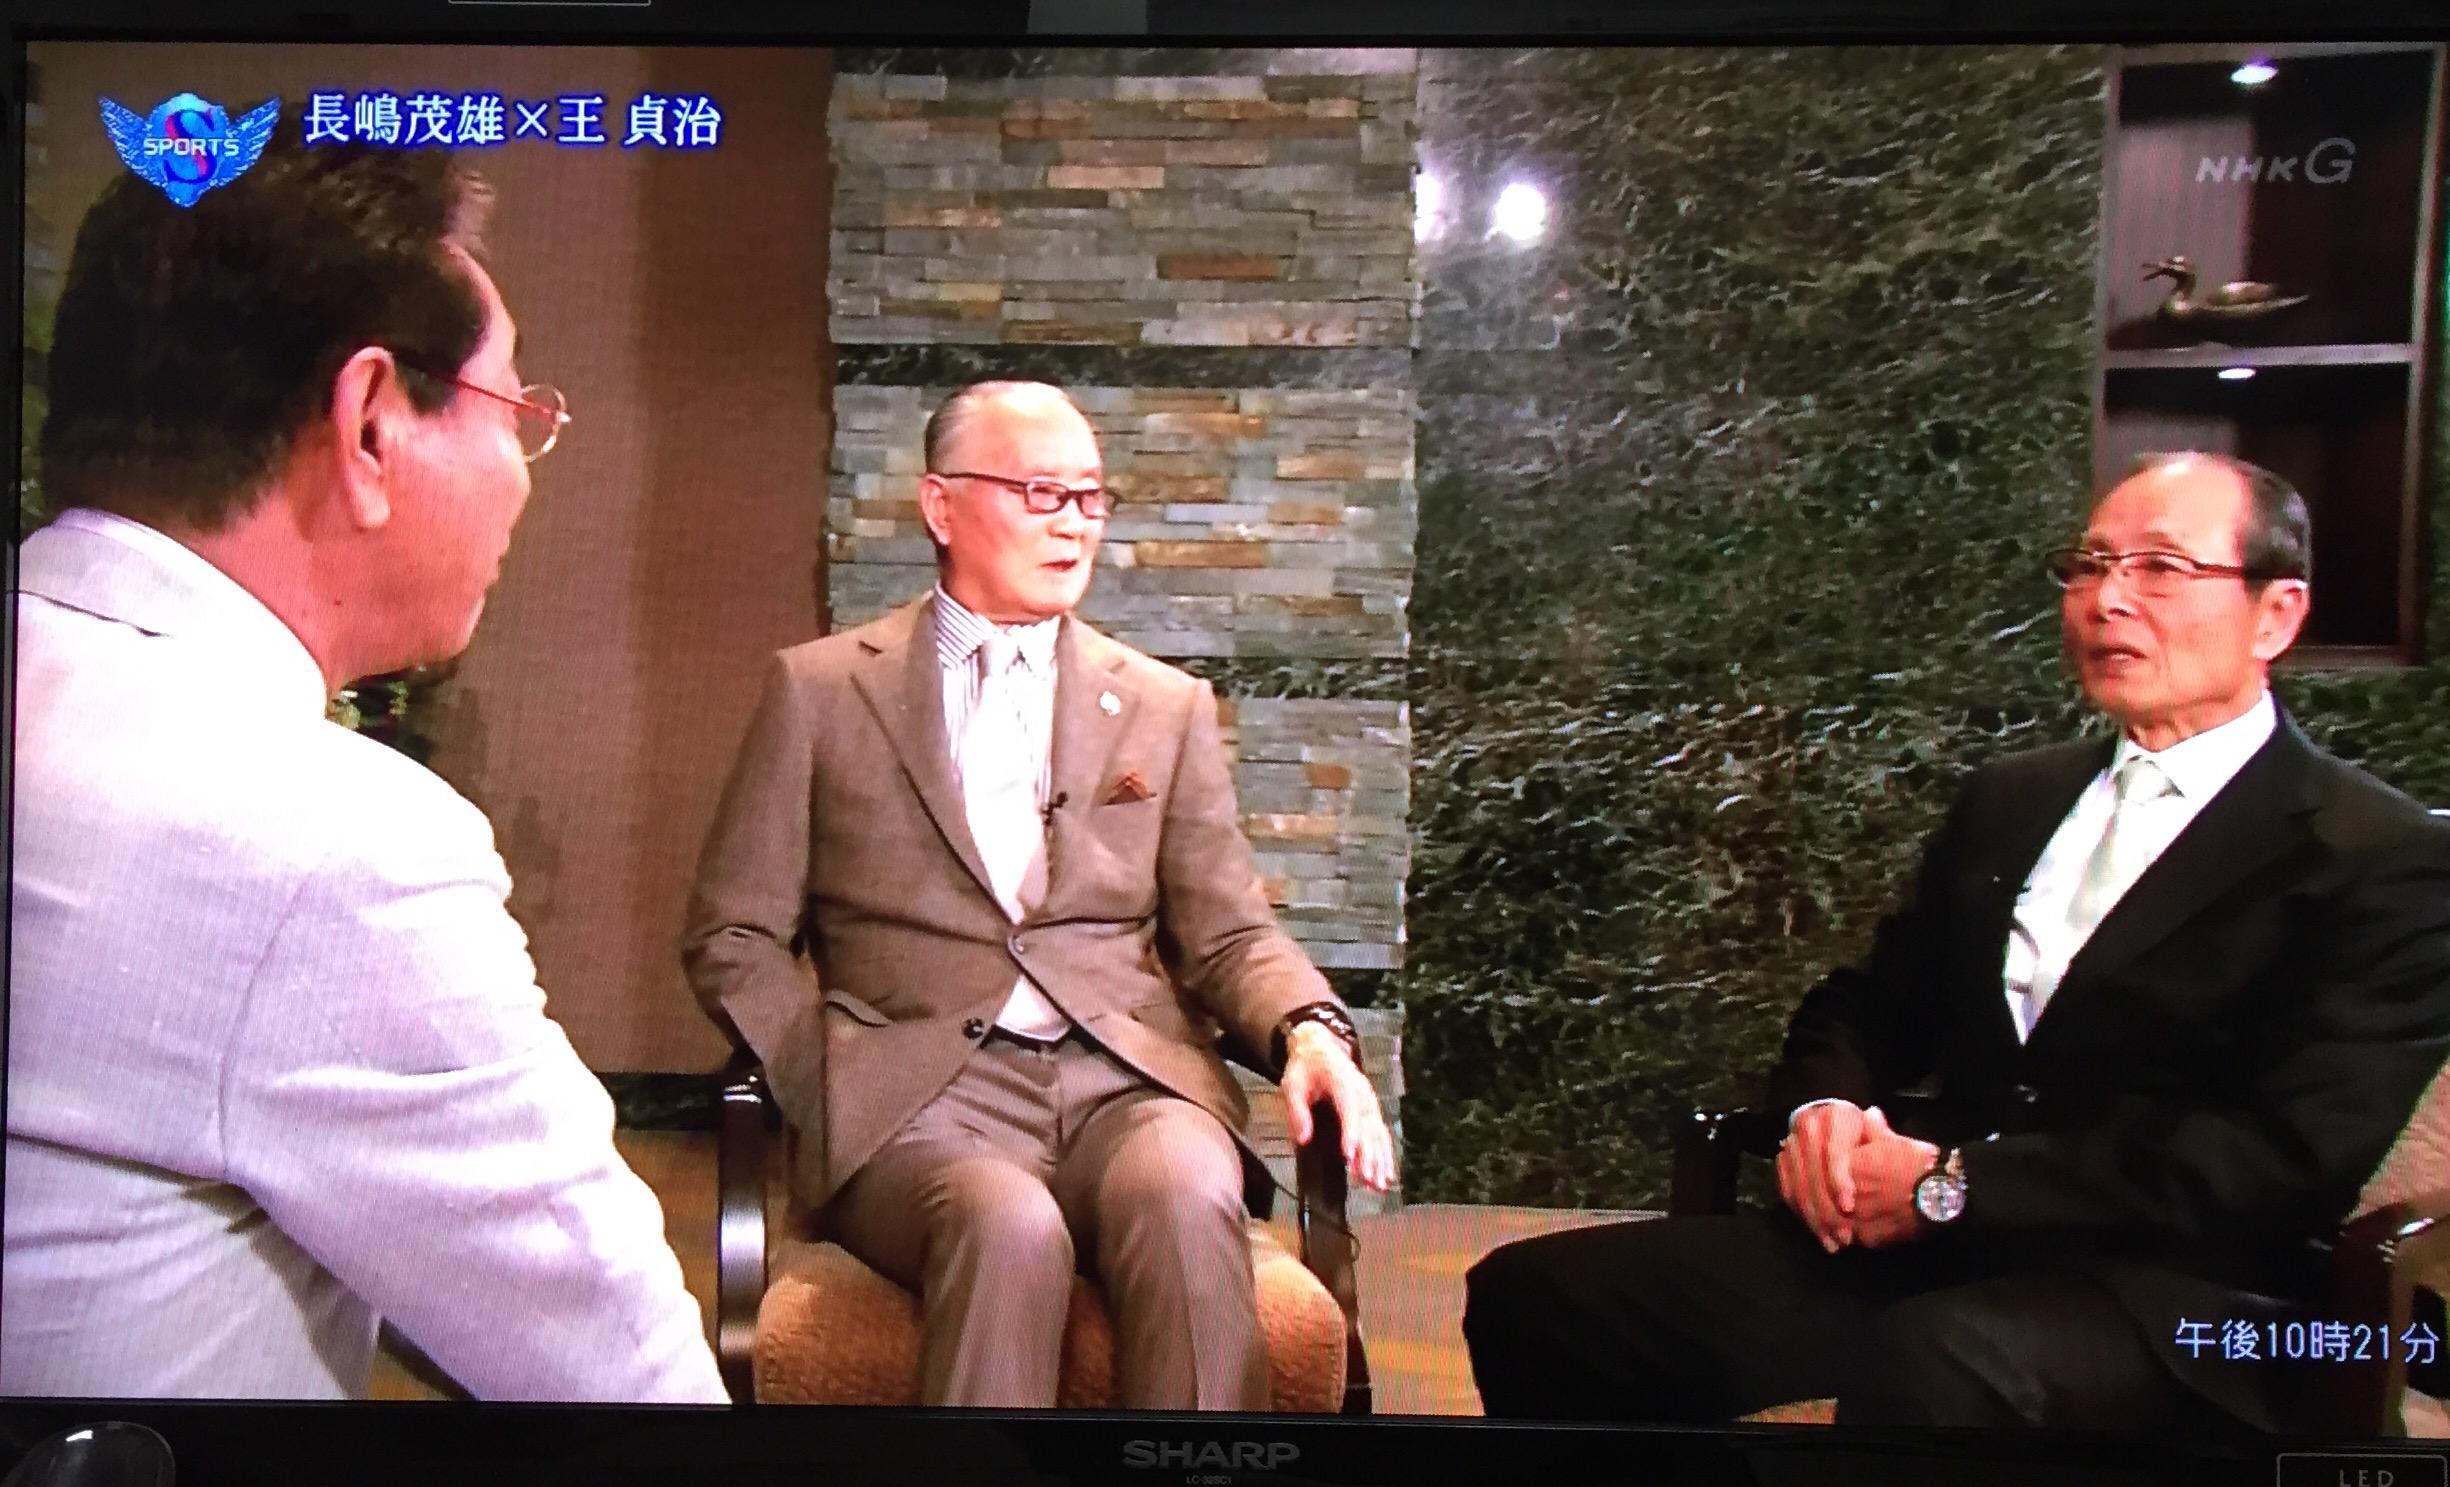 長嶋茂雄、王貞治、星野仙一のBIG3会談にプロ野球の奥深さを感じた!